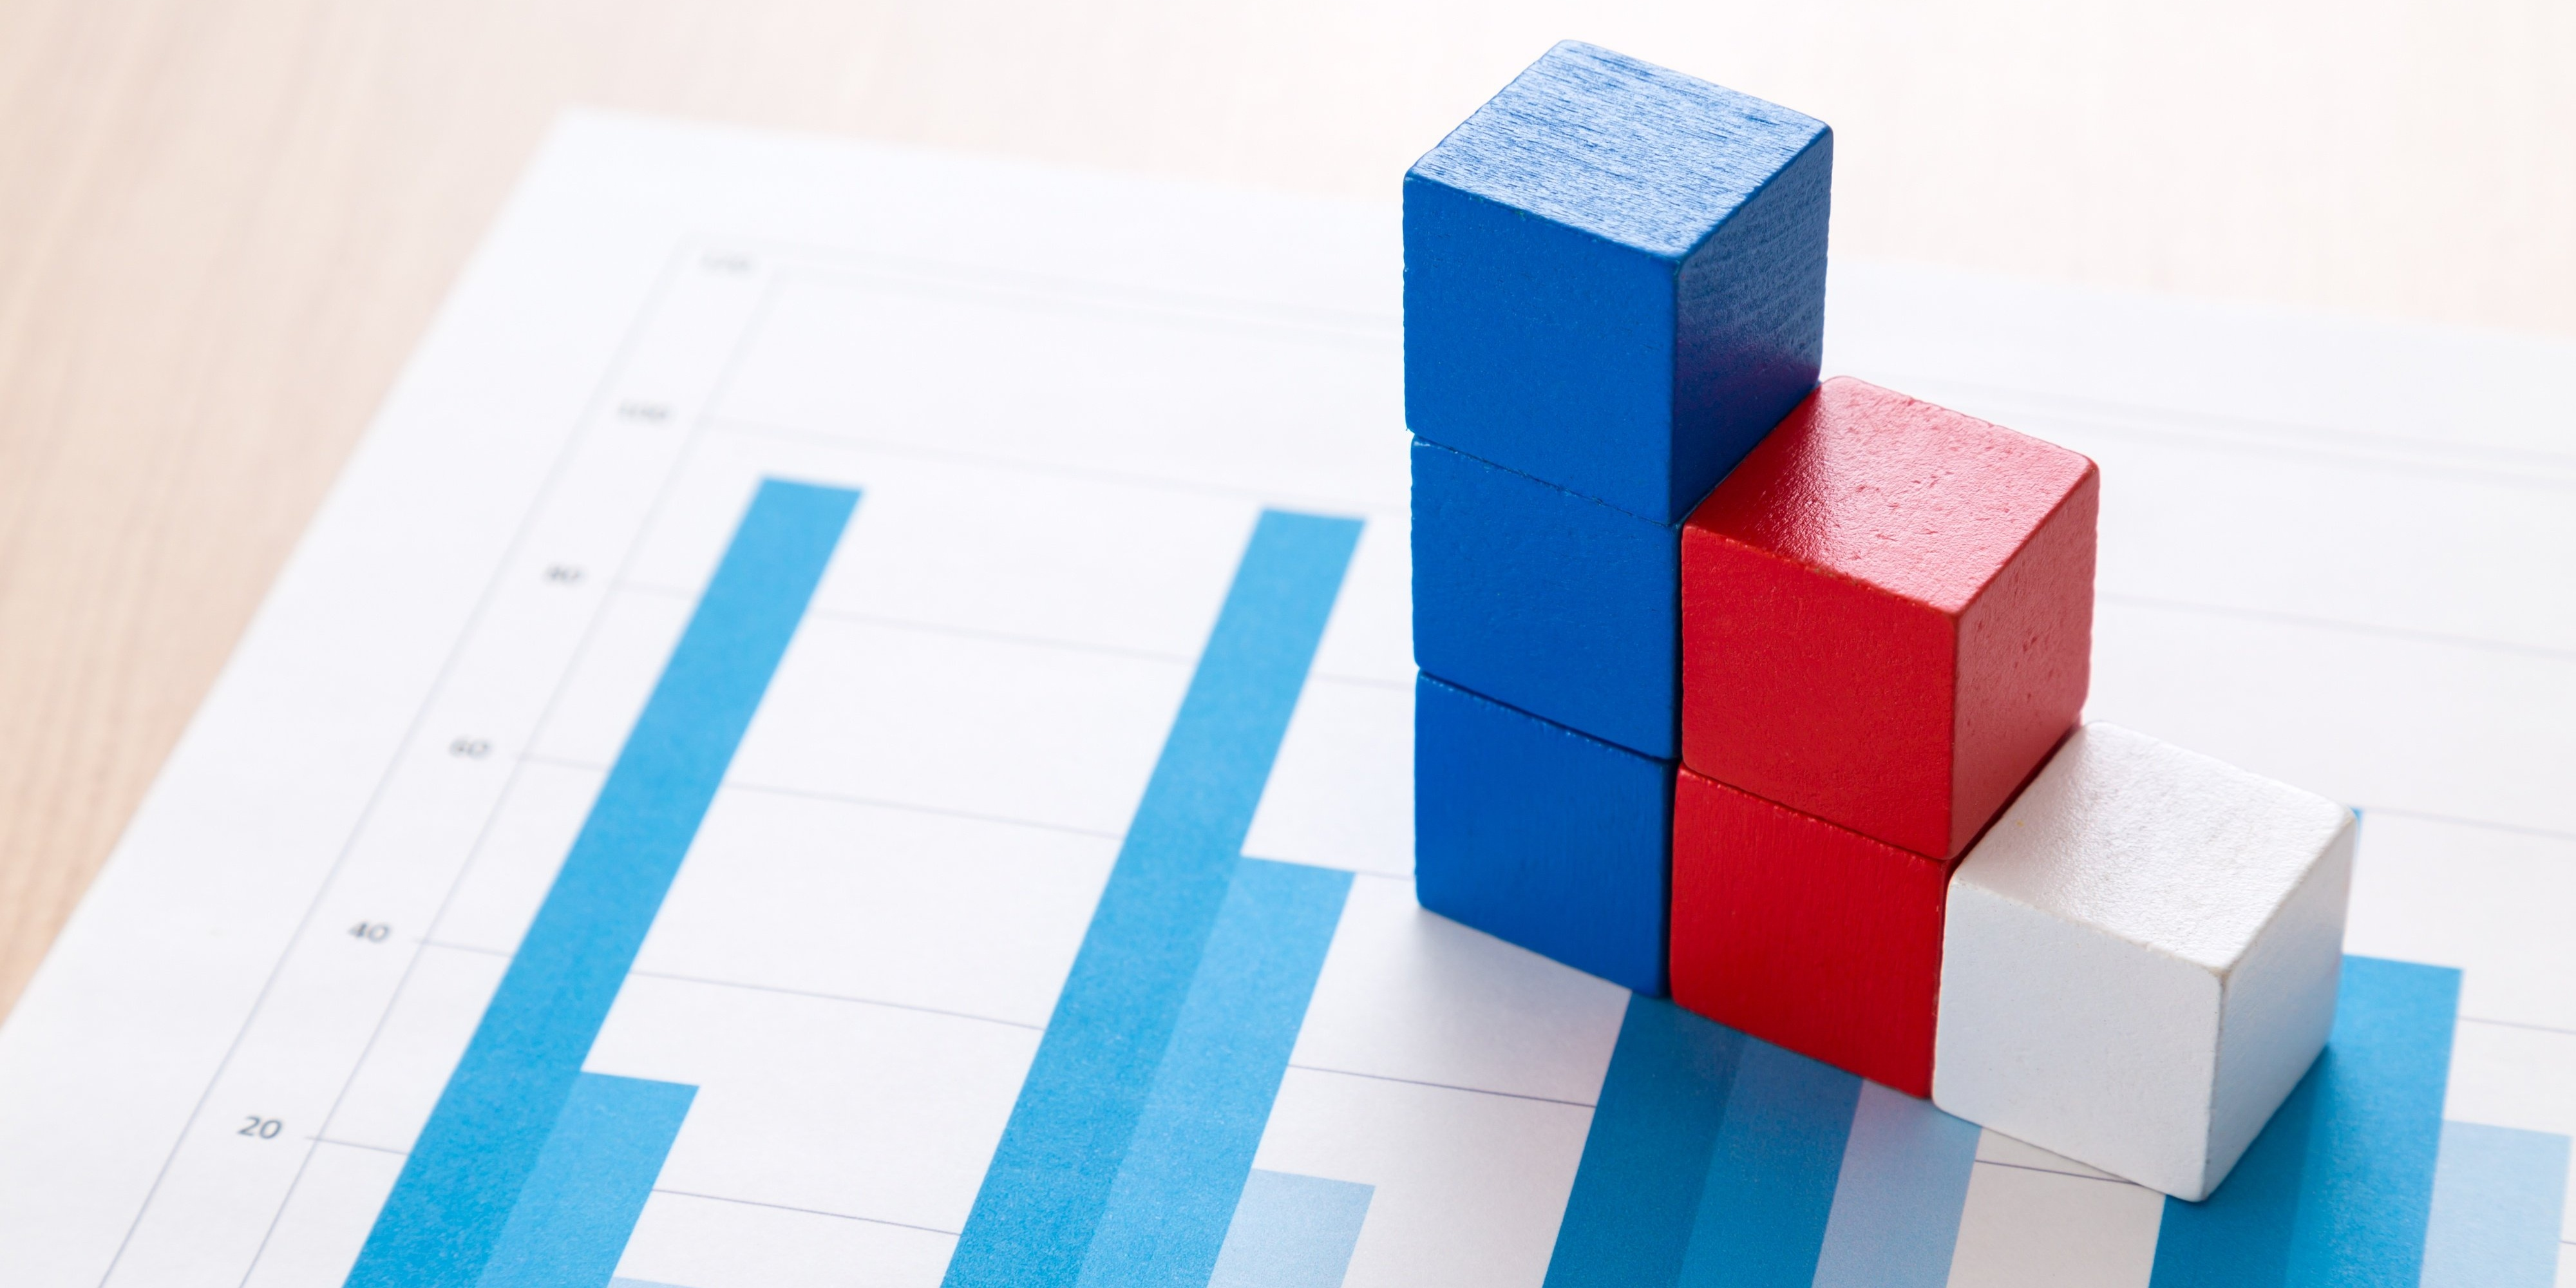 【無料テンプレート】営業案件や売り上げ管理、進捗管理を今一度見直して見ませんか?